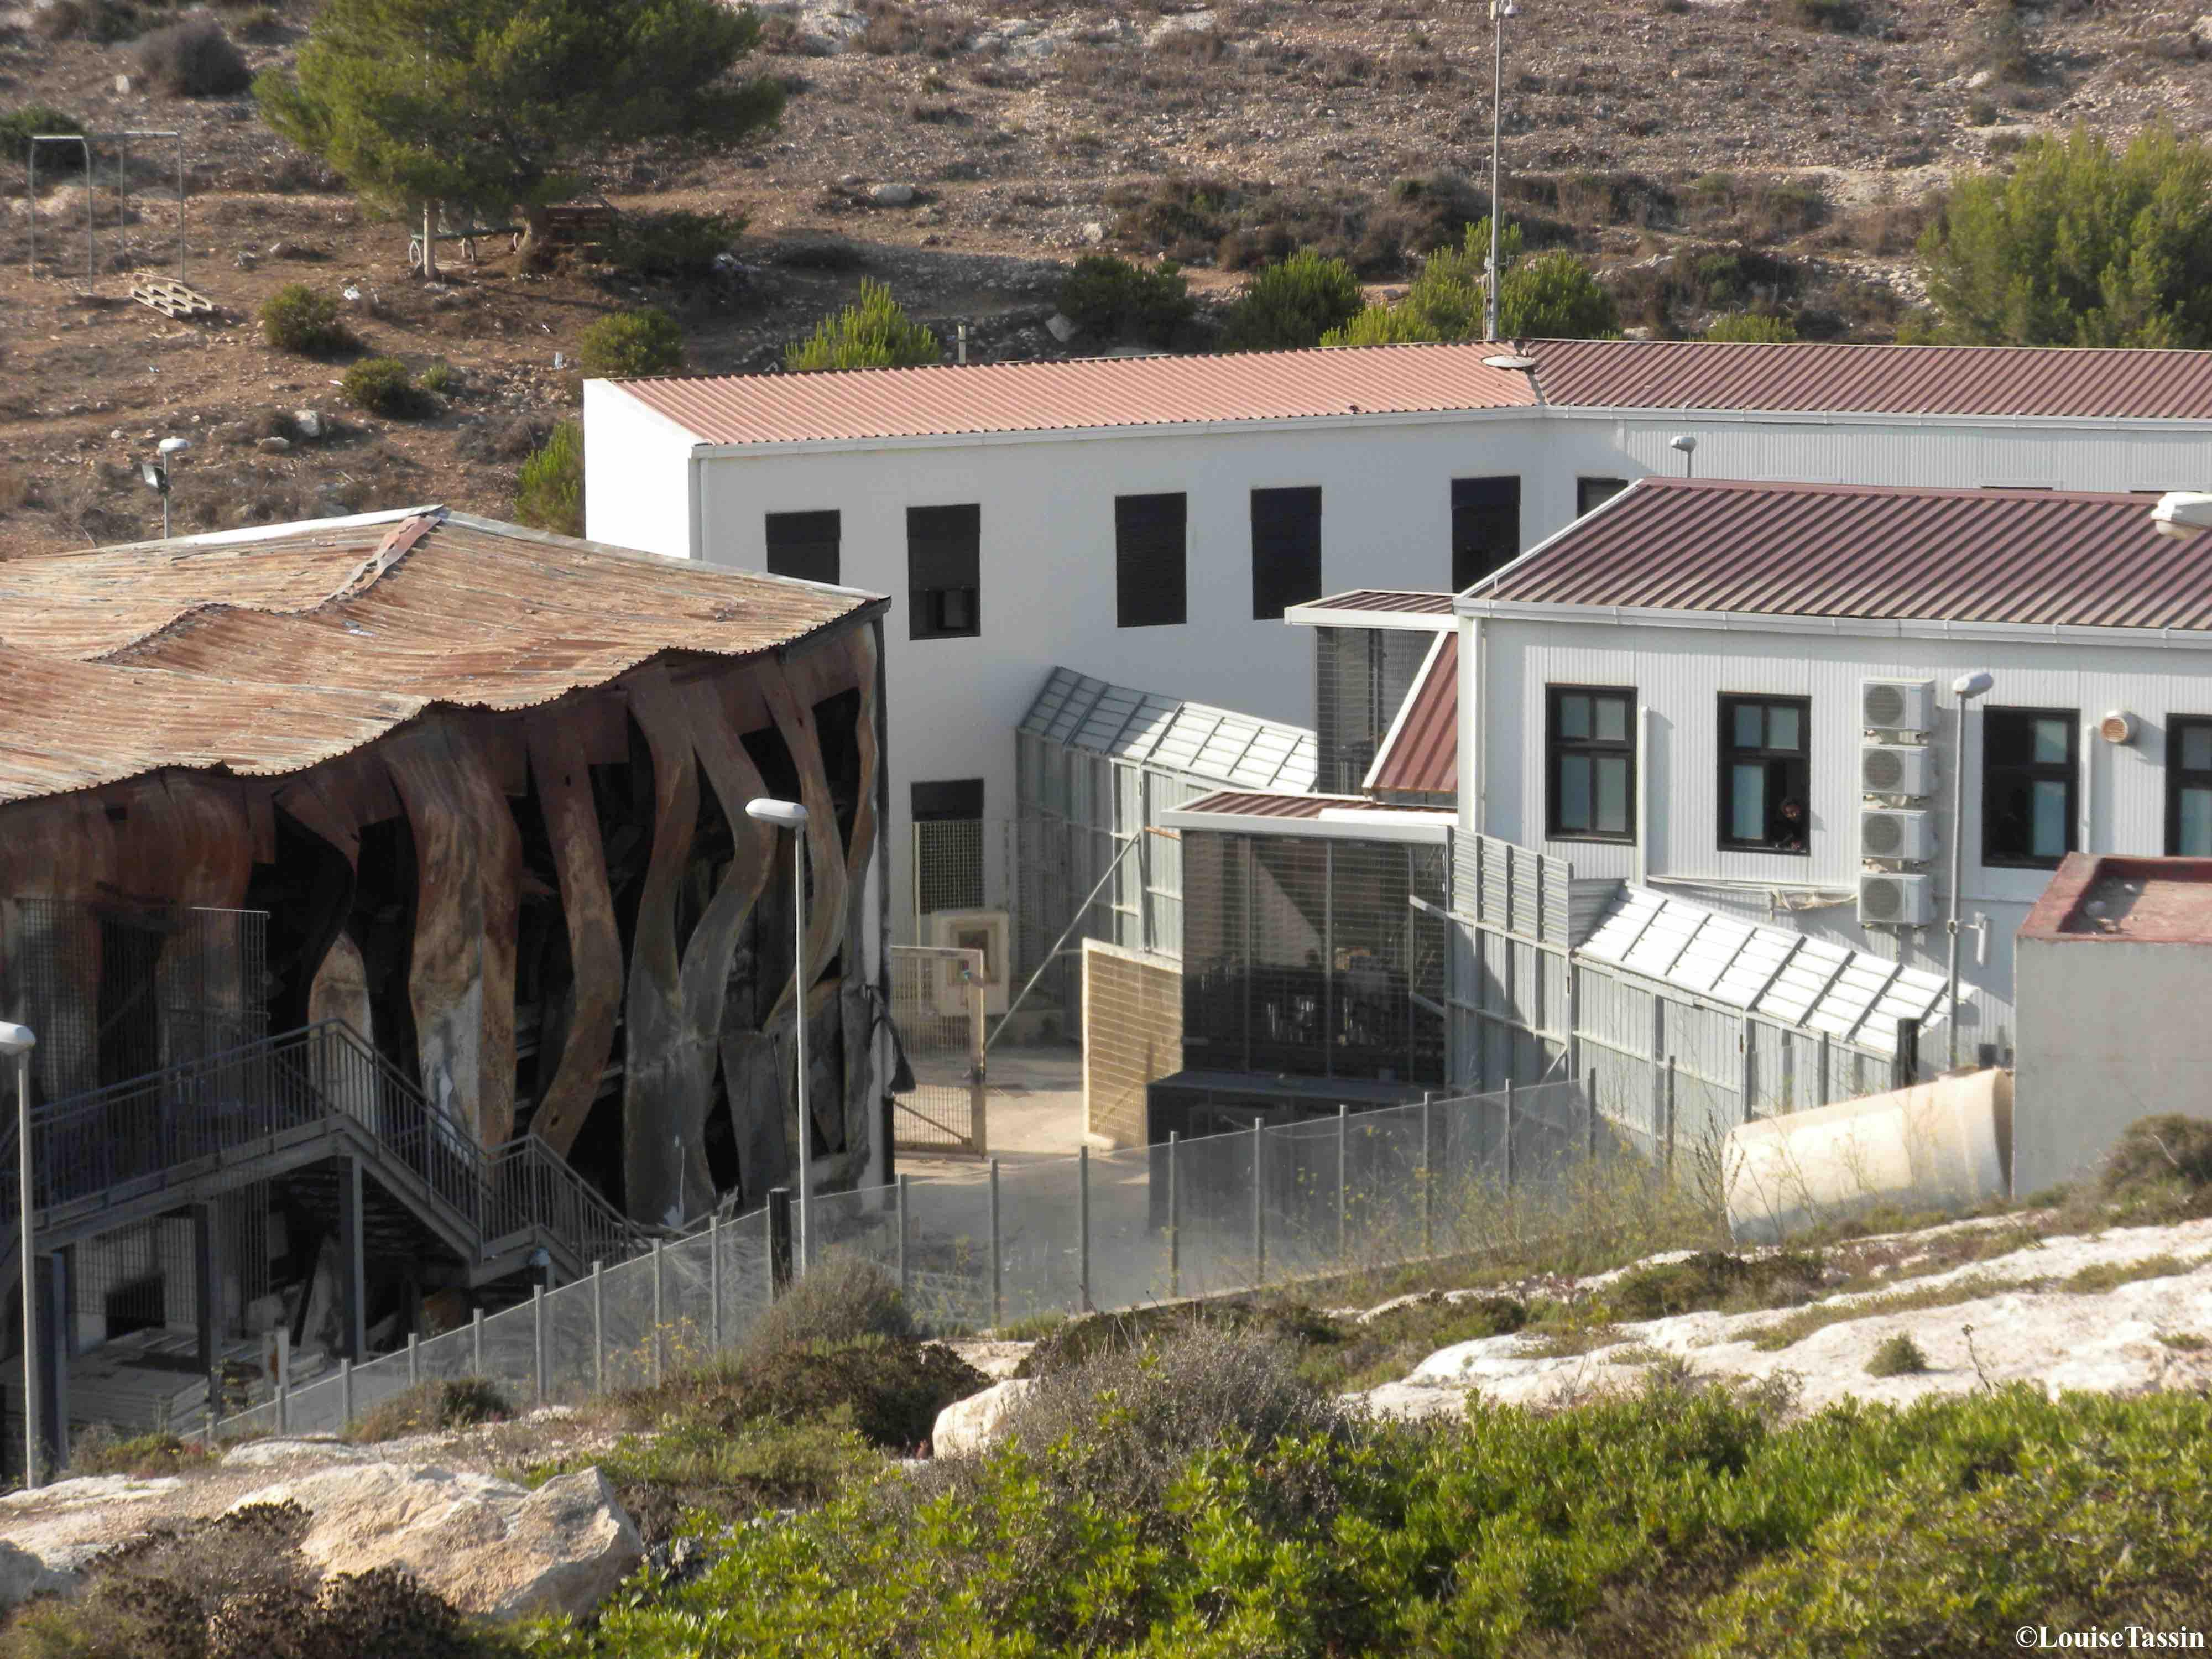 4. Le «centre de premier secours et d'accueil» de Lampedusa en juillet 2013 avec, sur la gauche, les ruines d'un bâtiment brûlé lors d'une révolte (Louise Tassin)